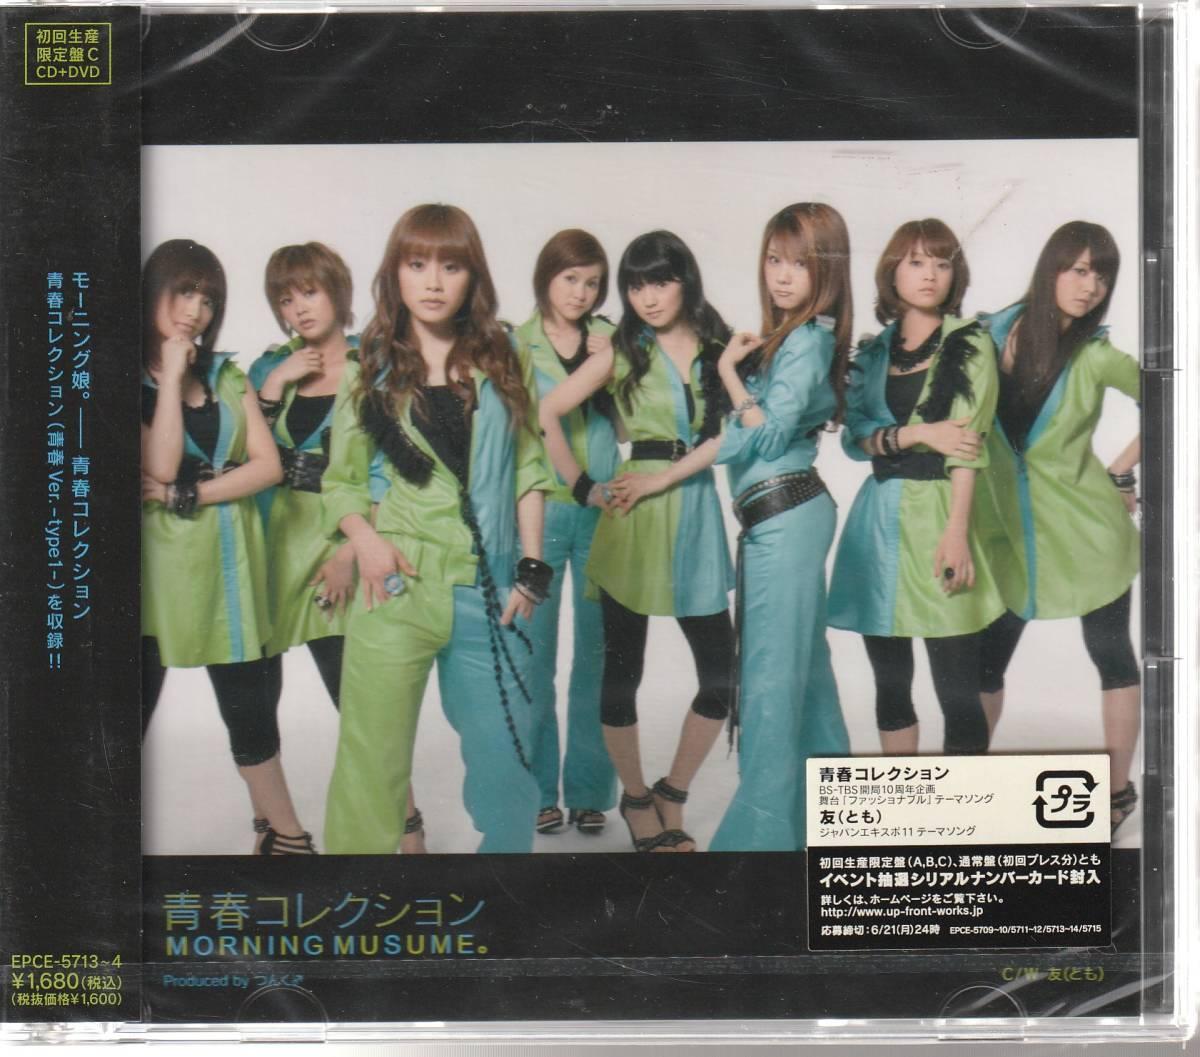 モーニング娘。 さん 「青春コレクション」 初回生産限定盤C CD+DVD 未使用・未開封_画像1